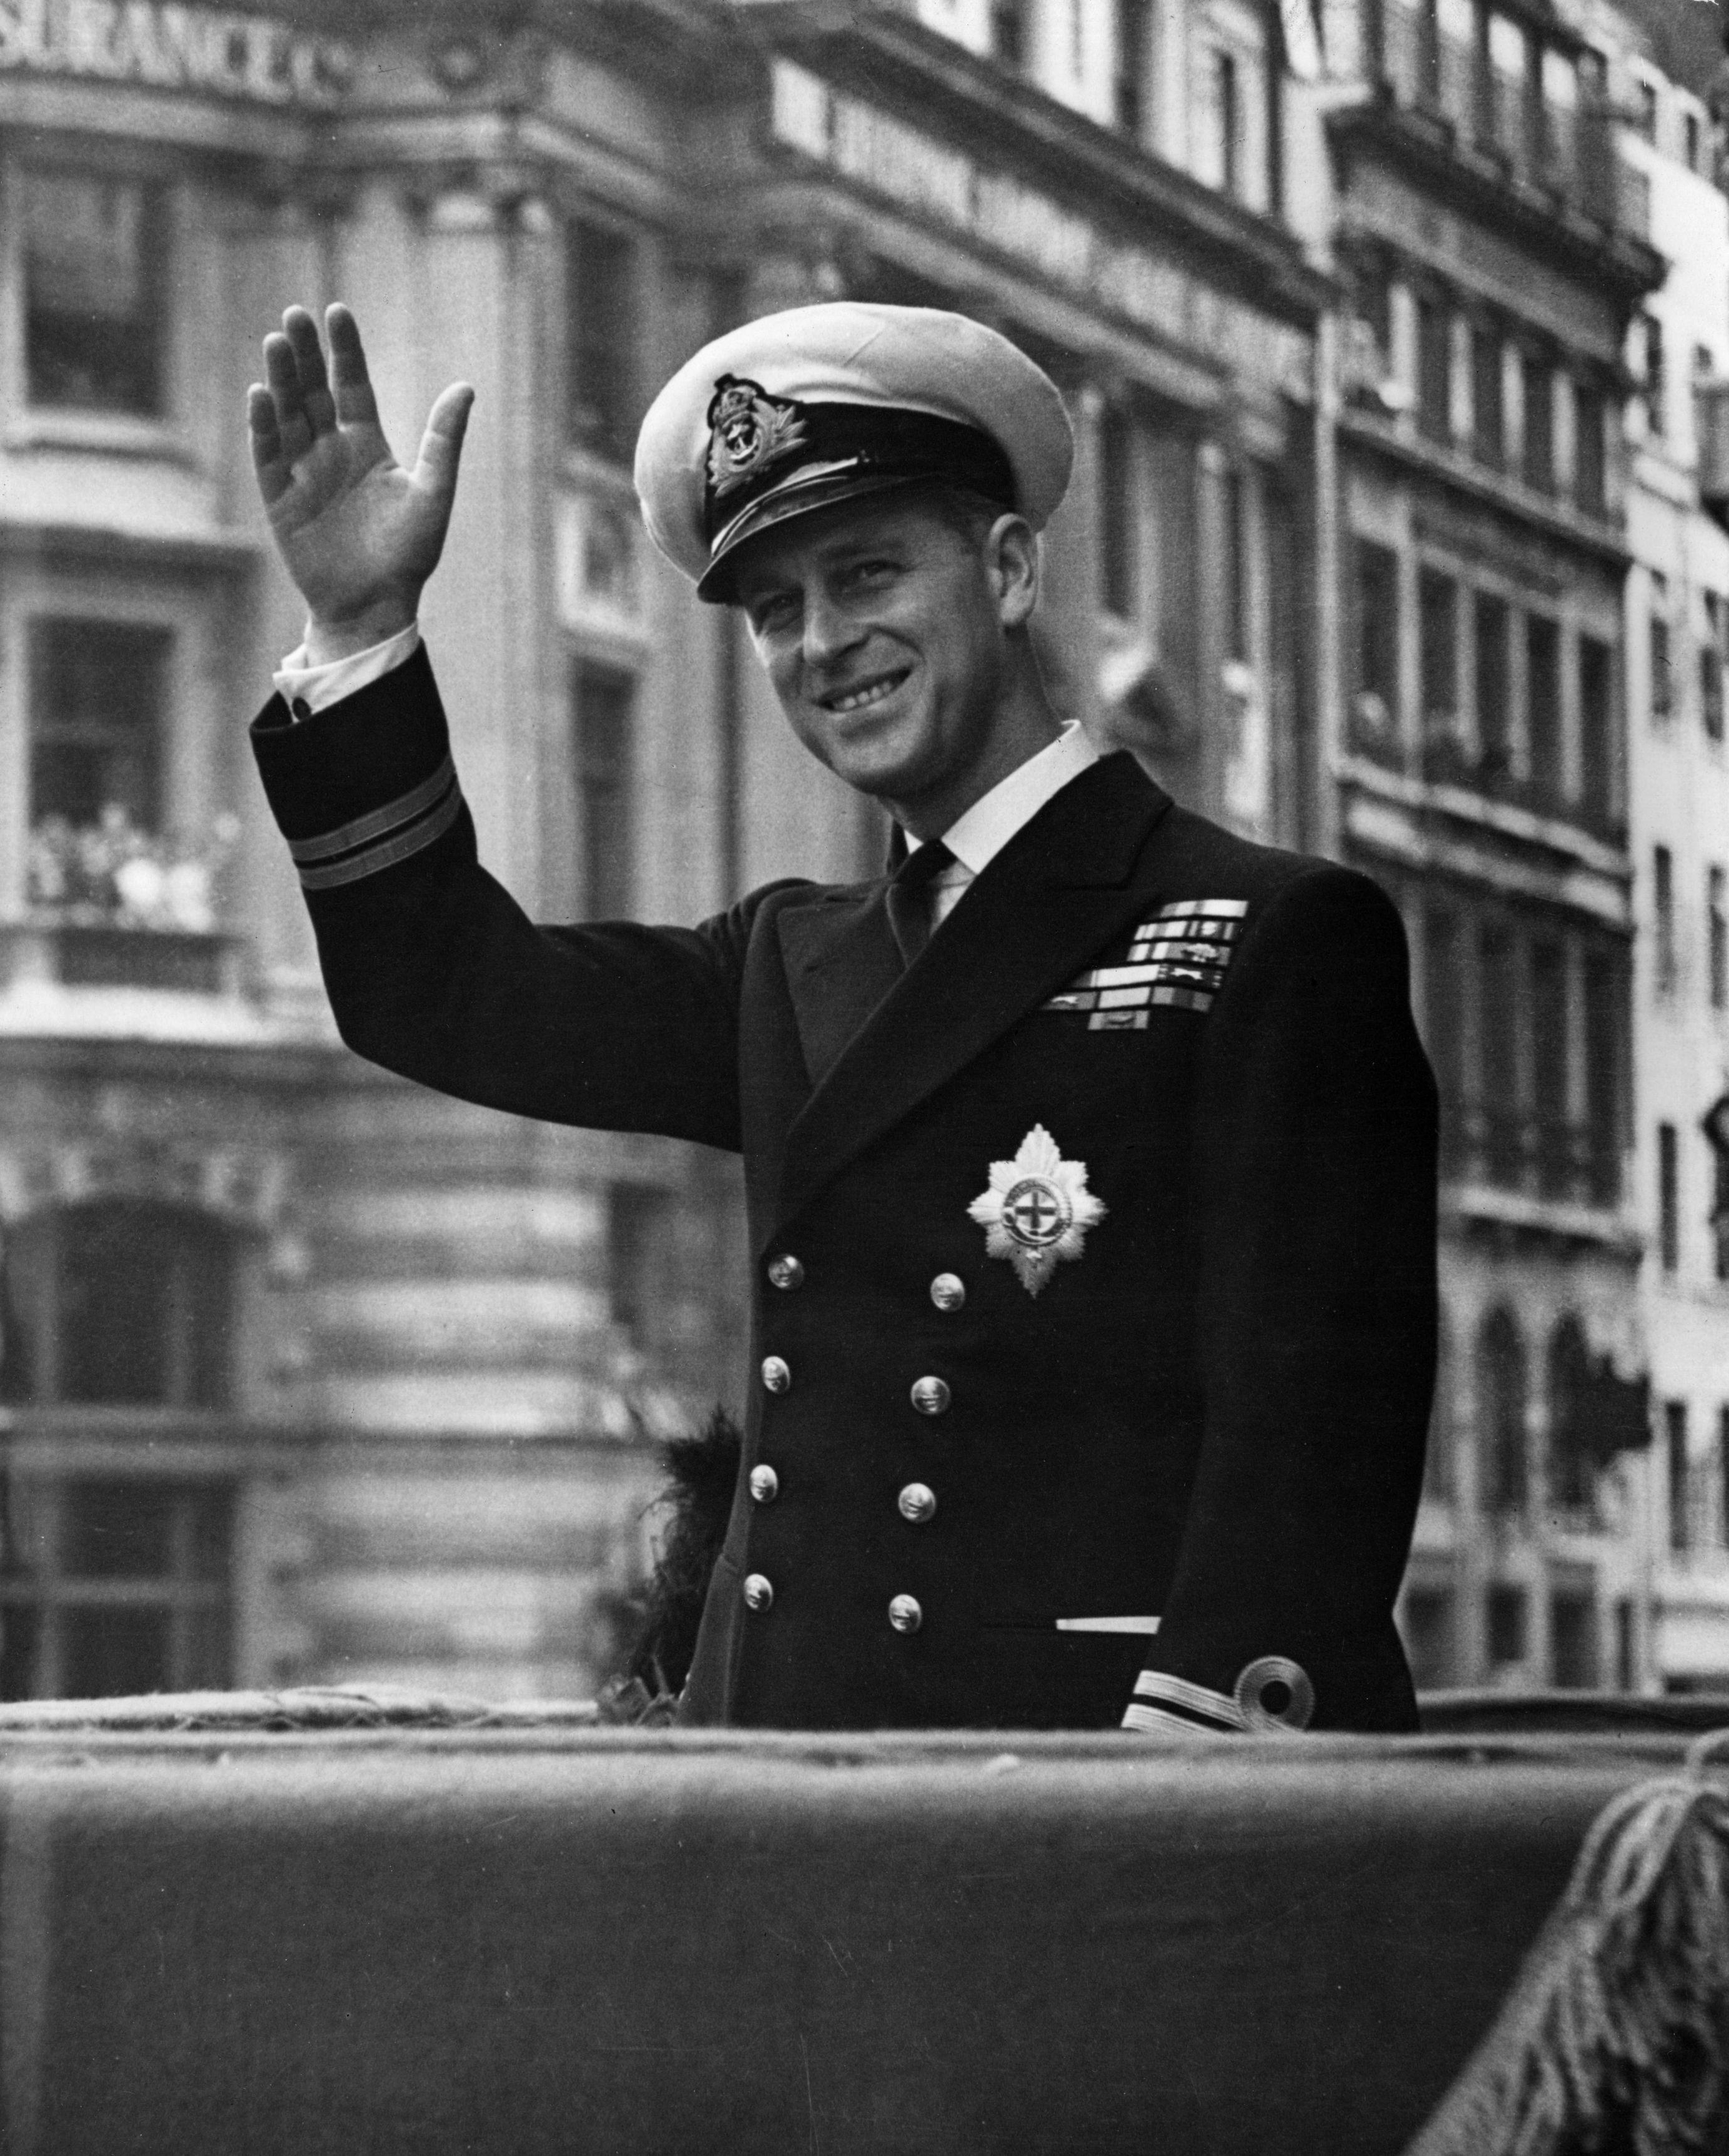 Addio al Principe Filippo di Edimburgo, si spegne a 99 anni il consorte della Regina Elisabetta